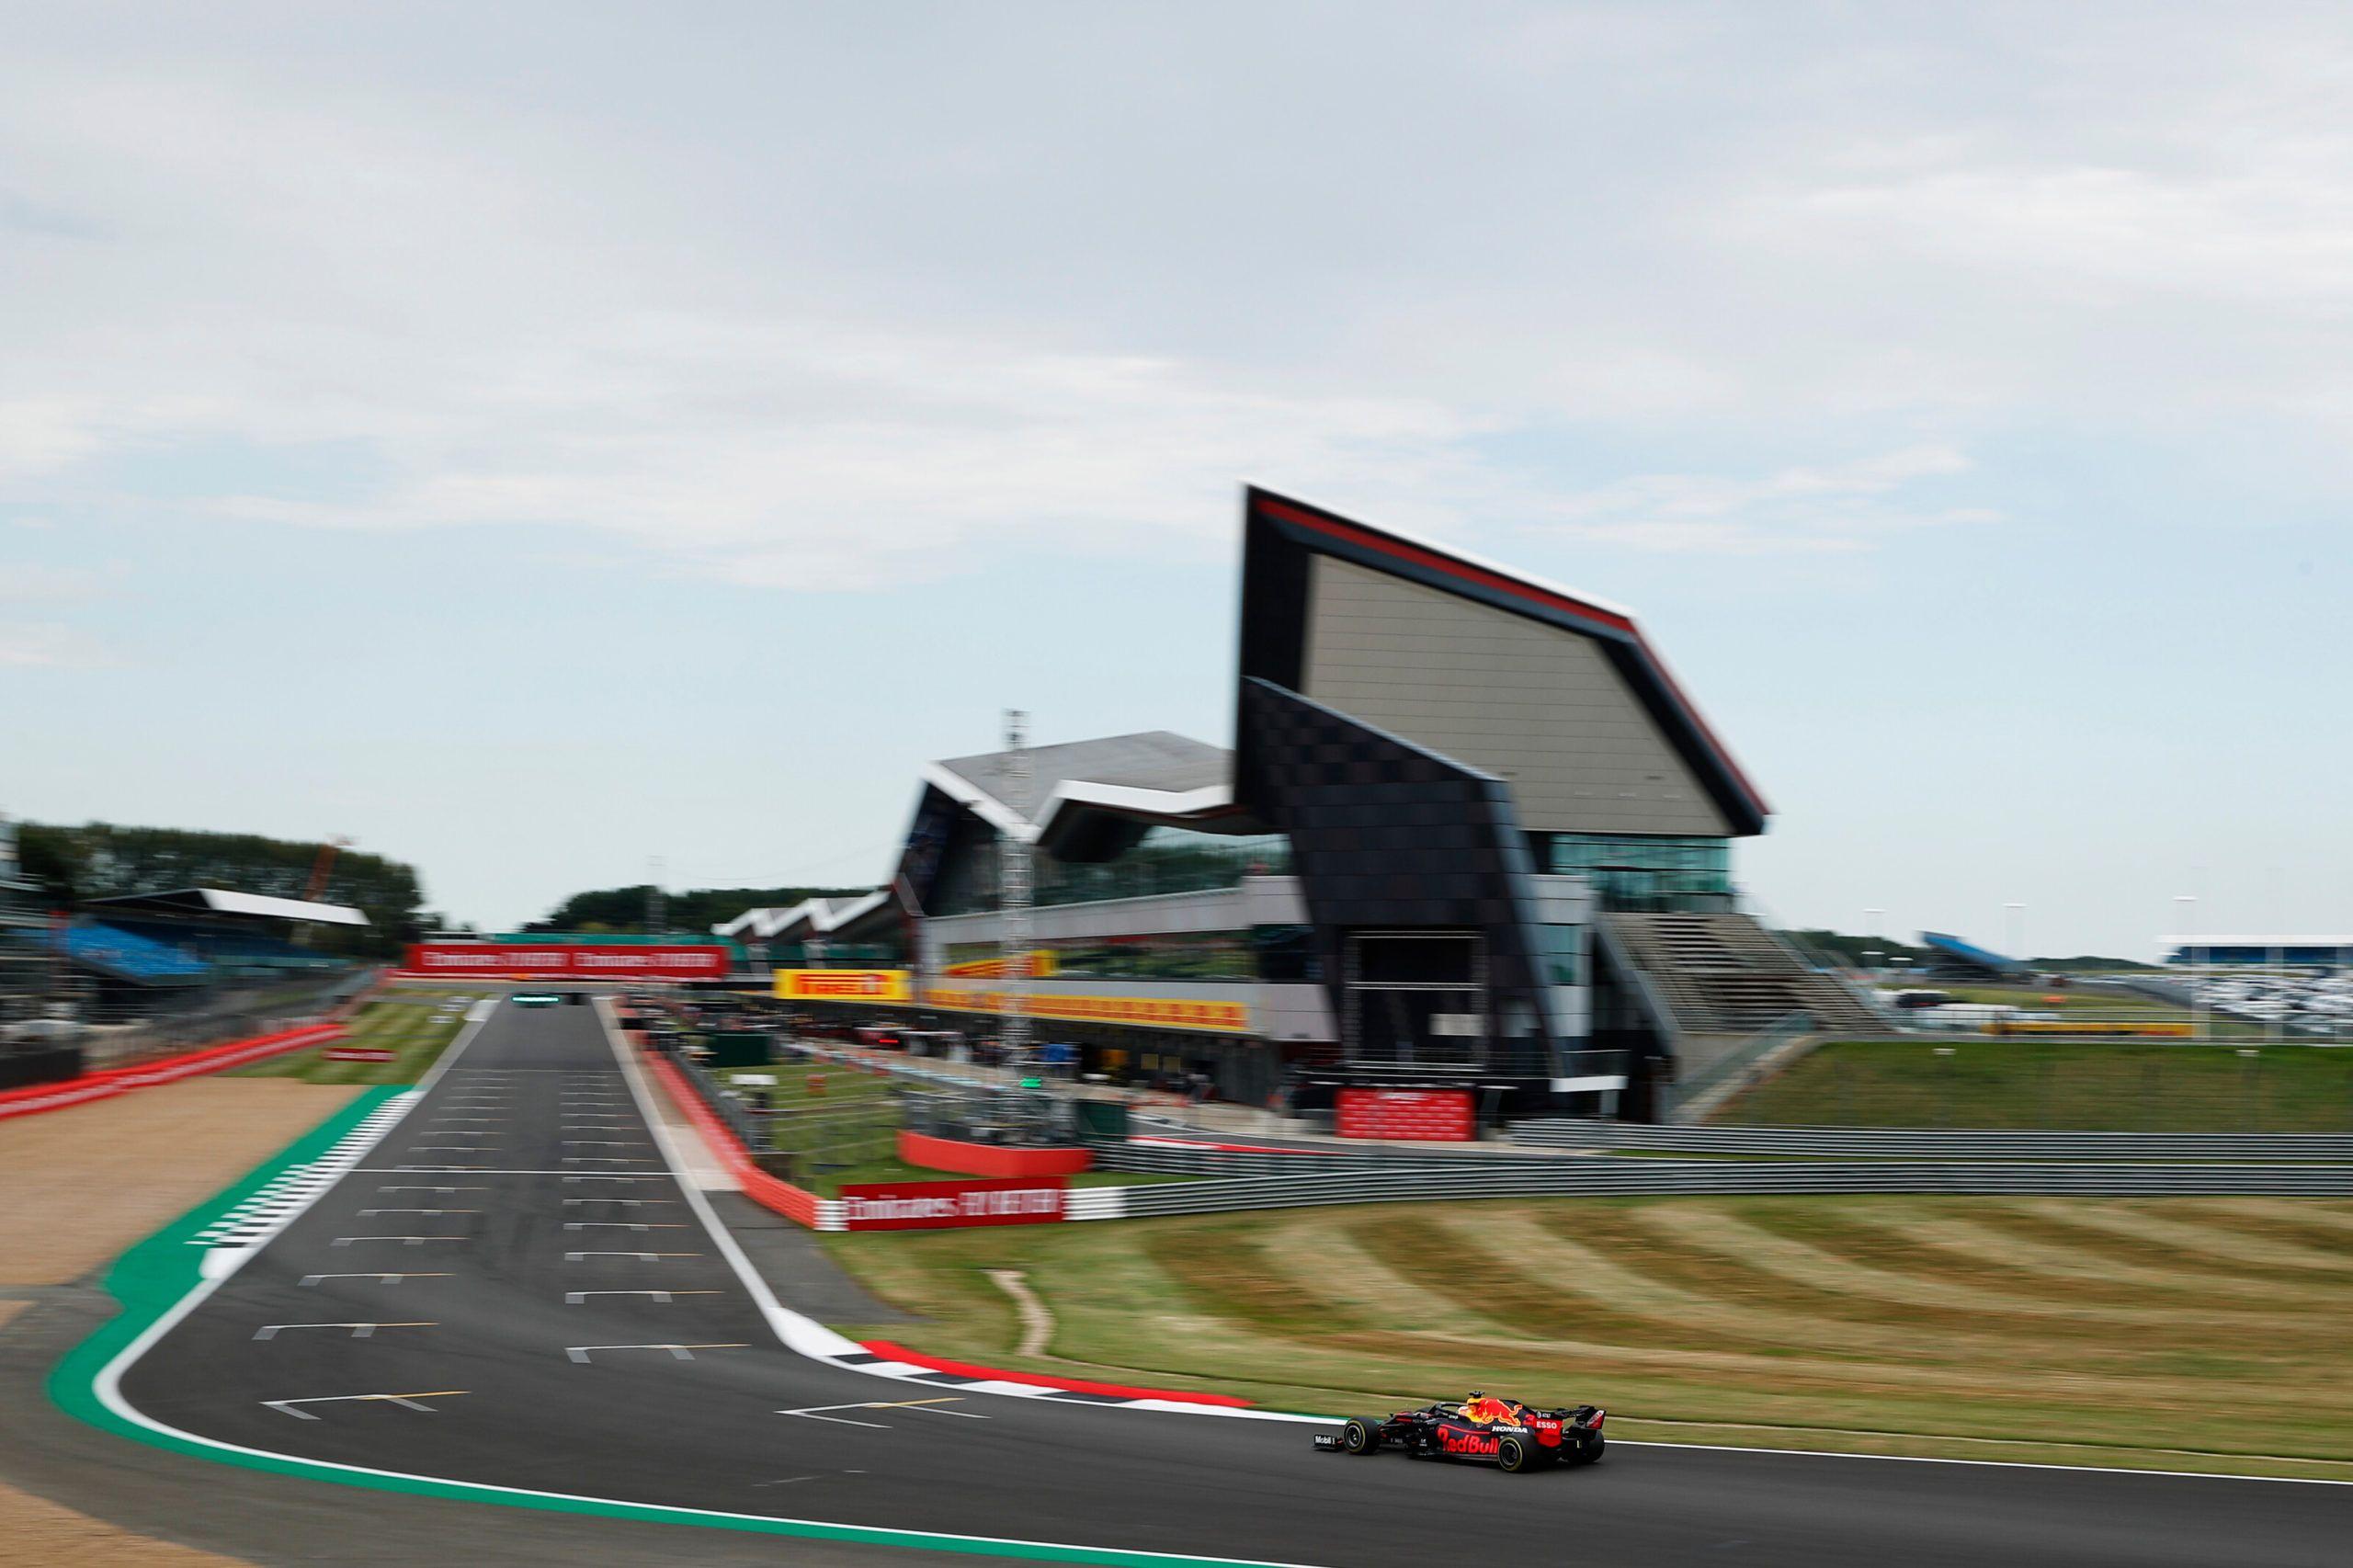 F1, FIA, British GP